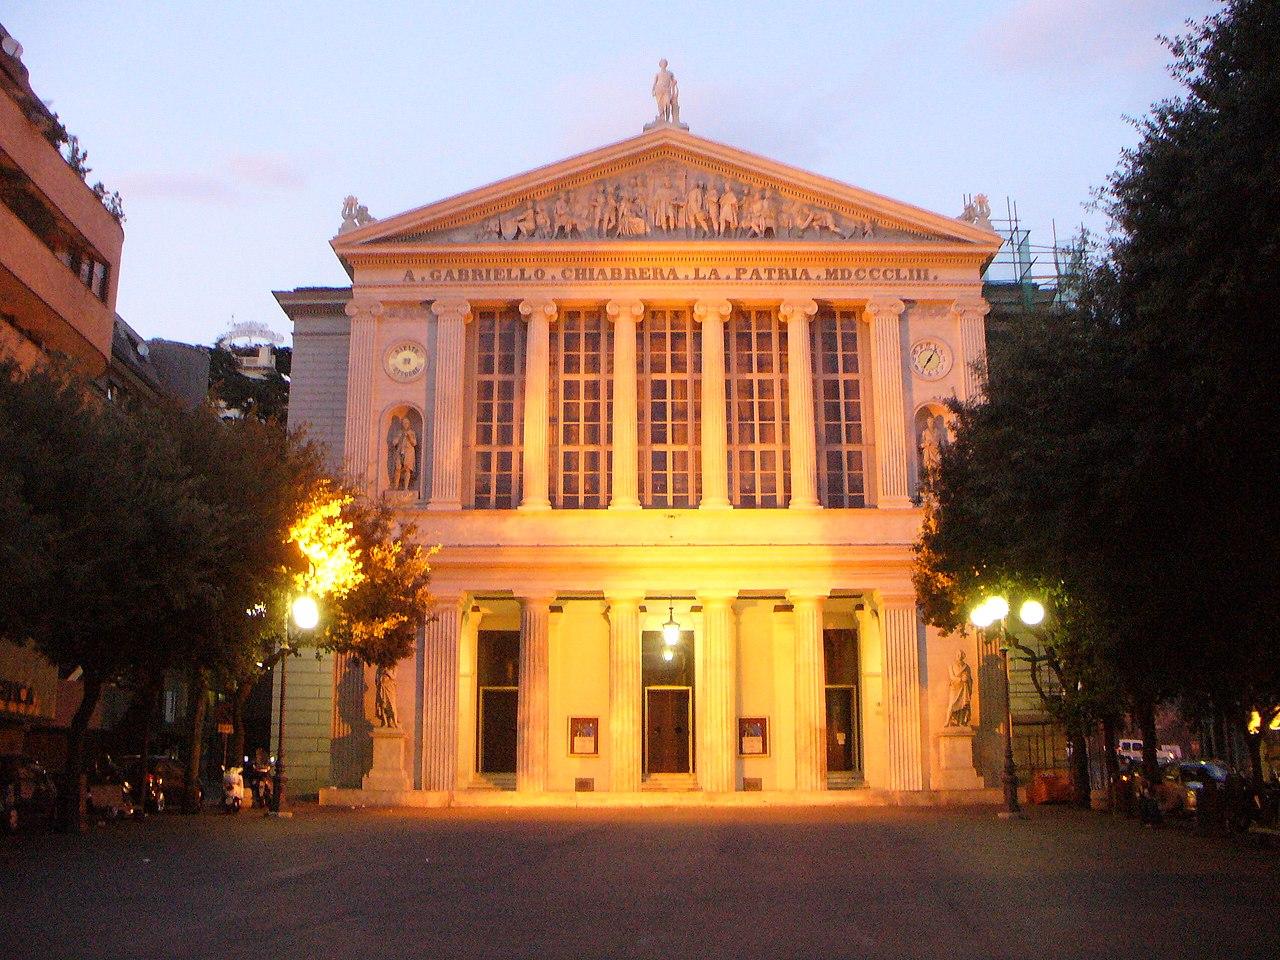 Teatro civico di Savona Gabriello Chiabrera.JPG